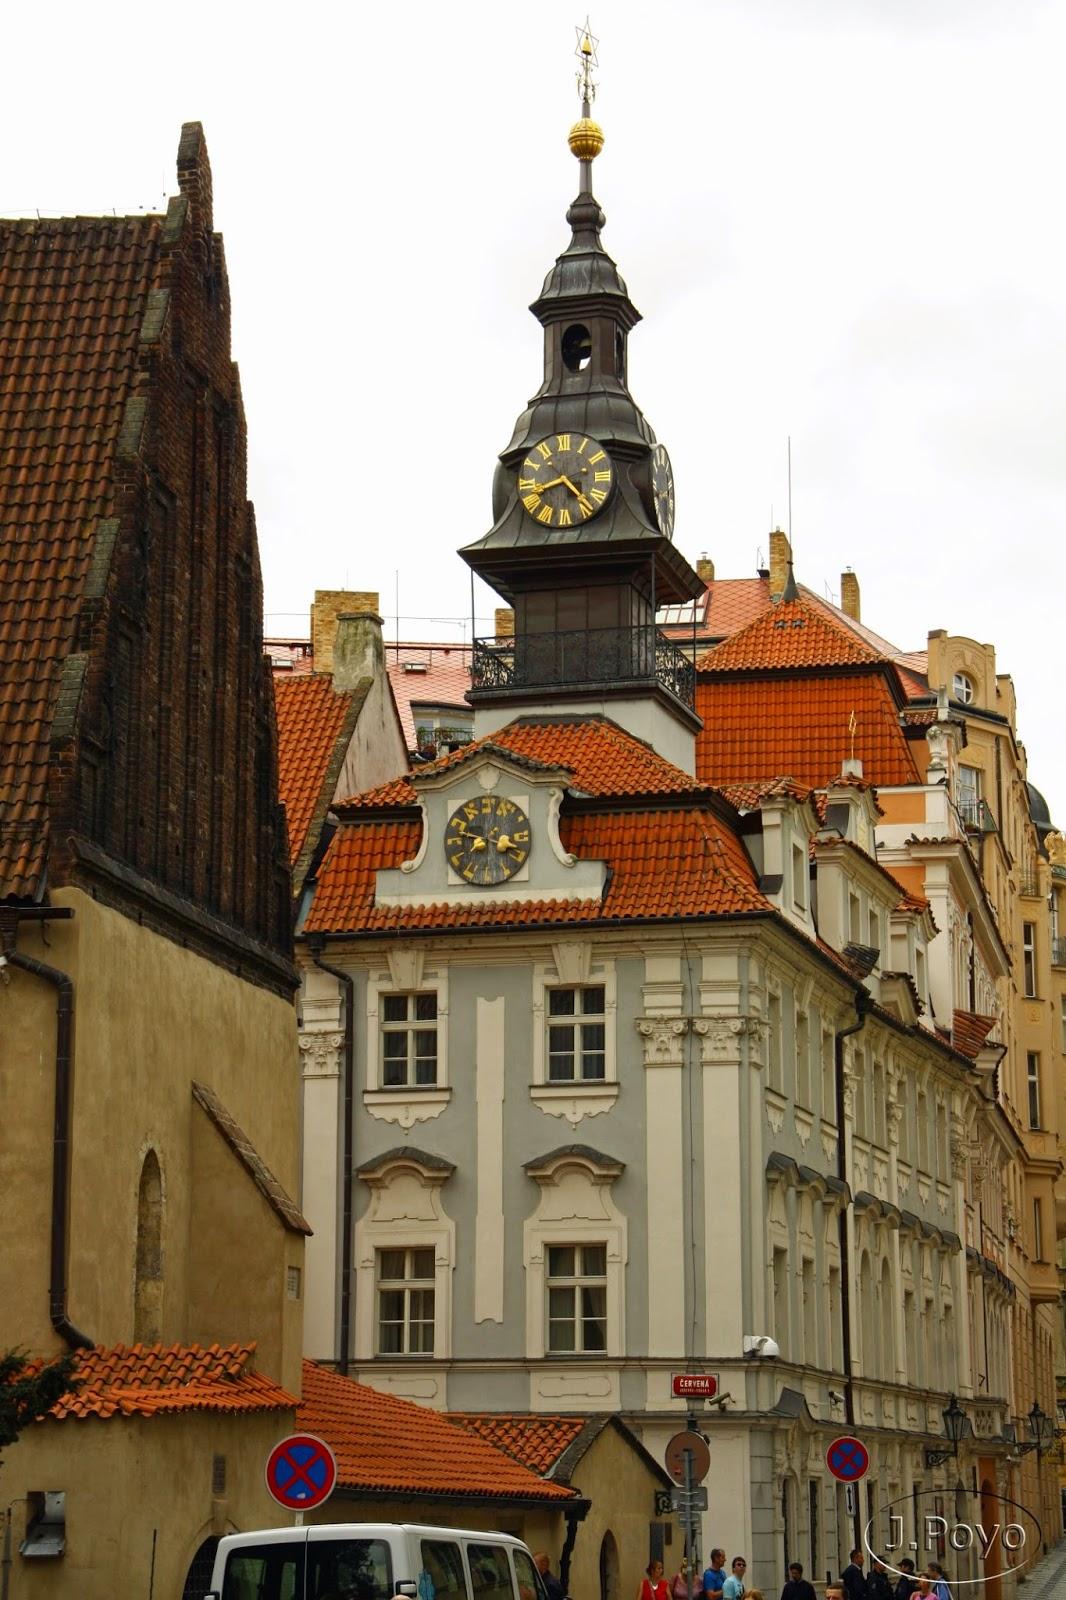 Ayuntamiento de la ciudad judía y Sinagoga alta